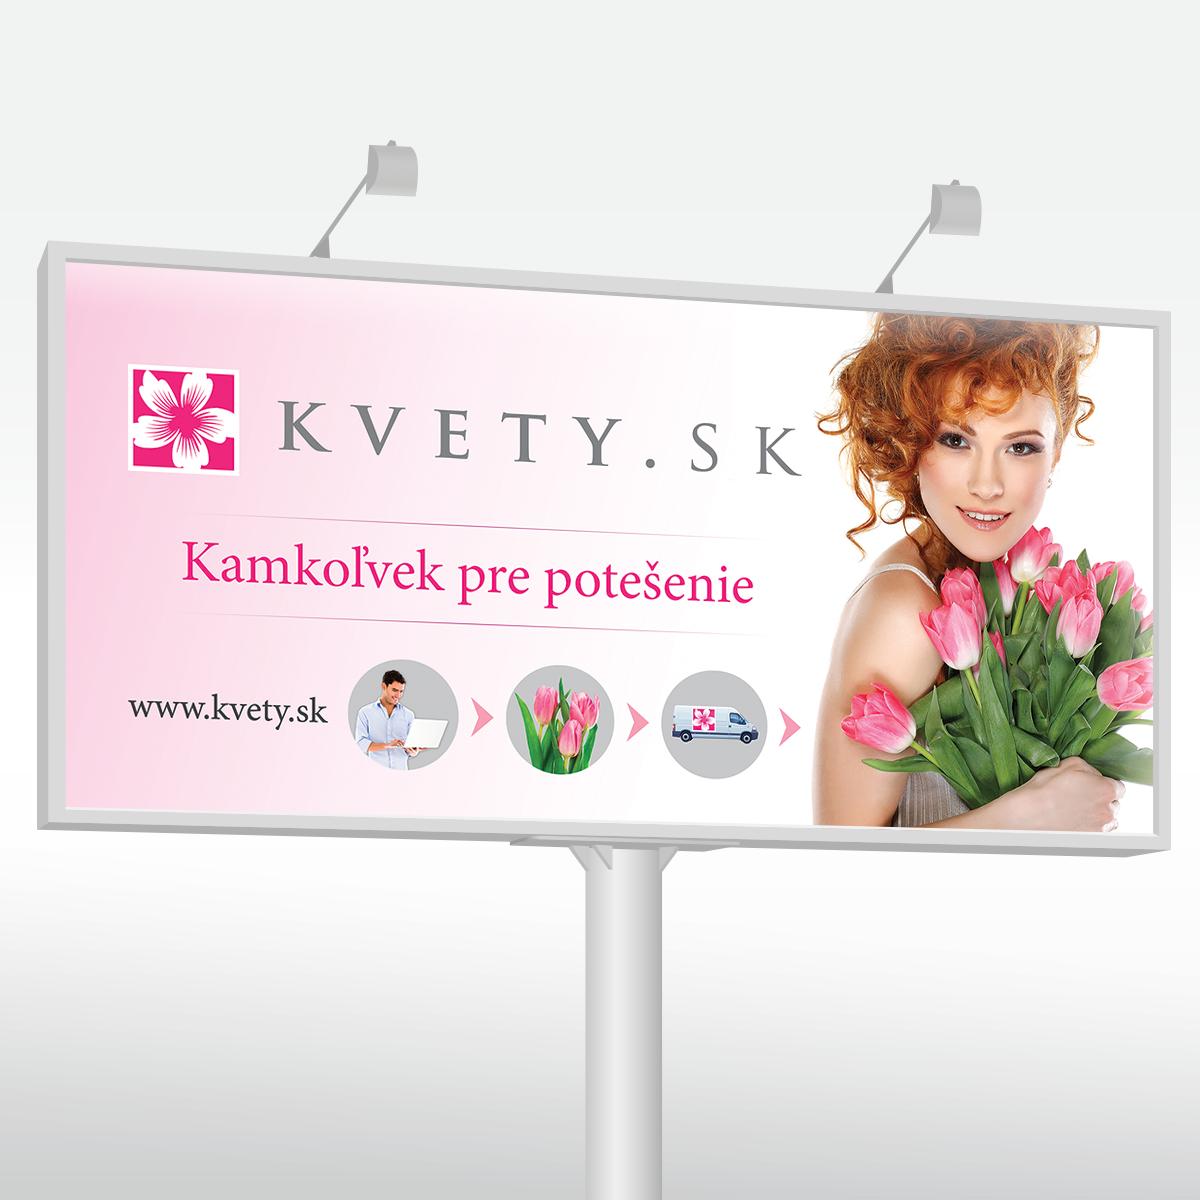 Ideas Innovations - Kvety.sk